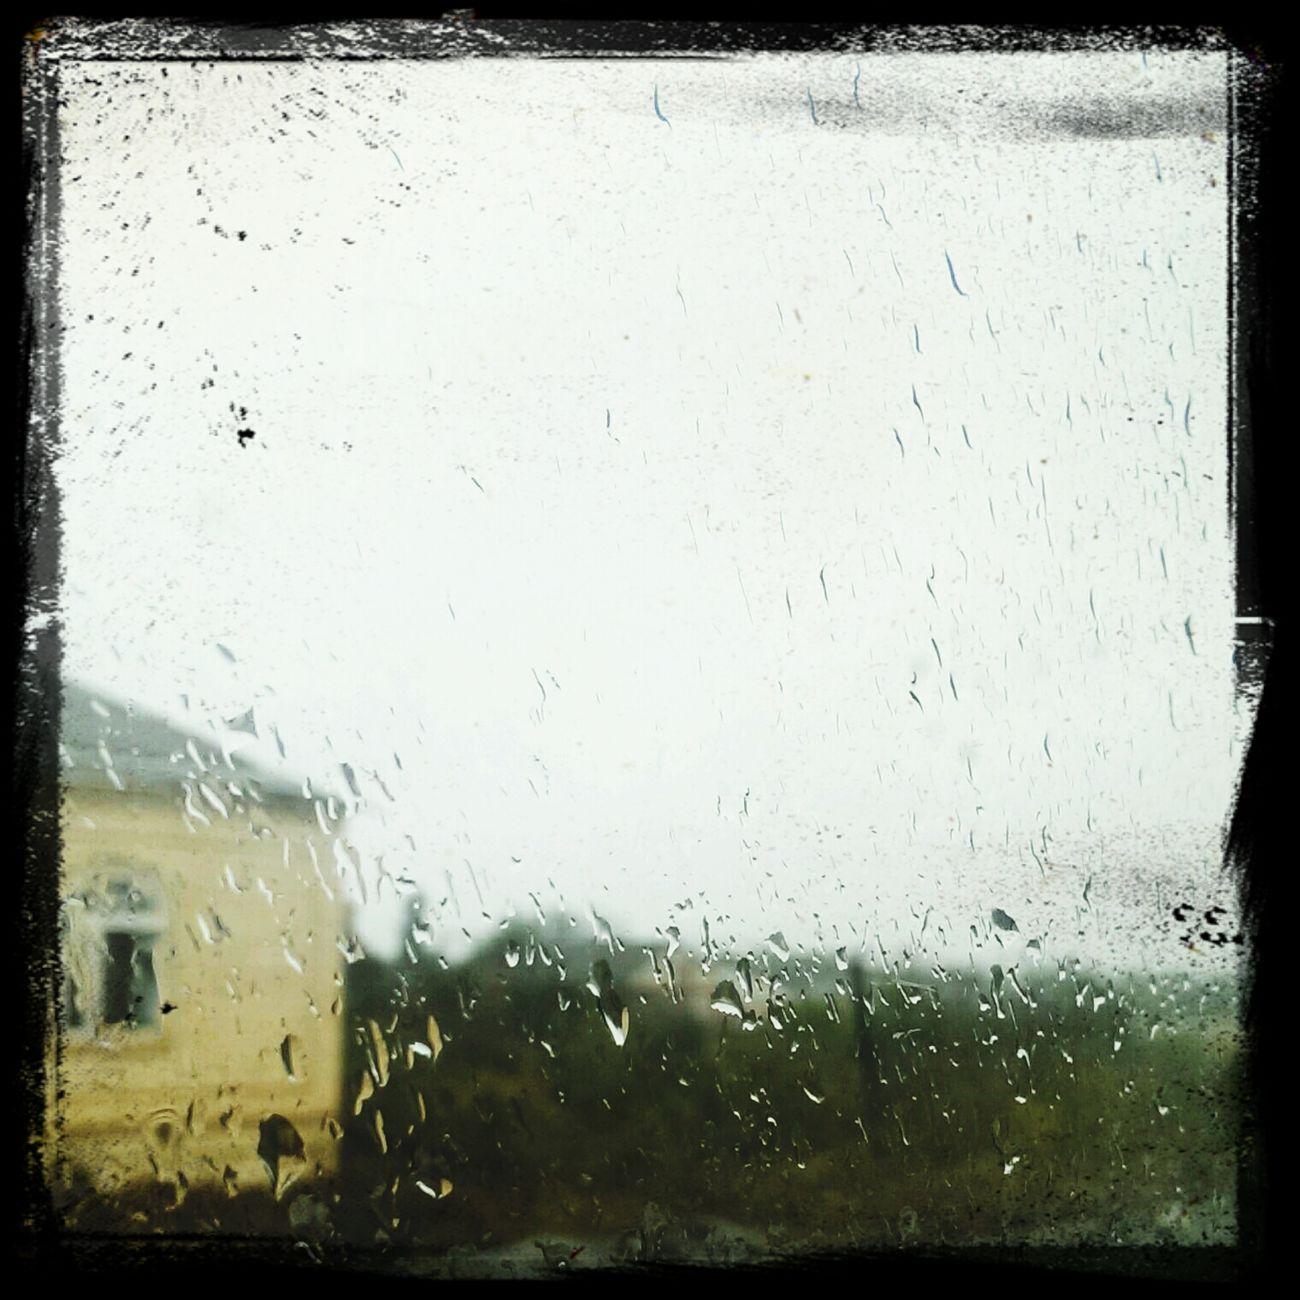 В городе дождь... ☔??